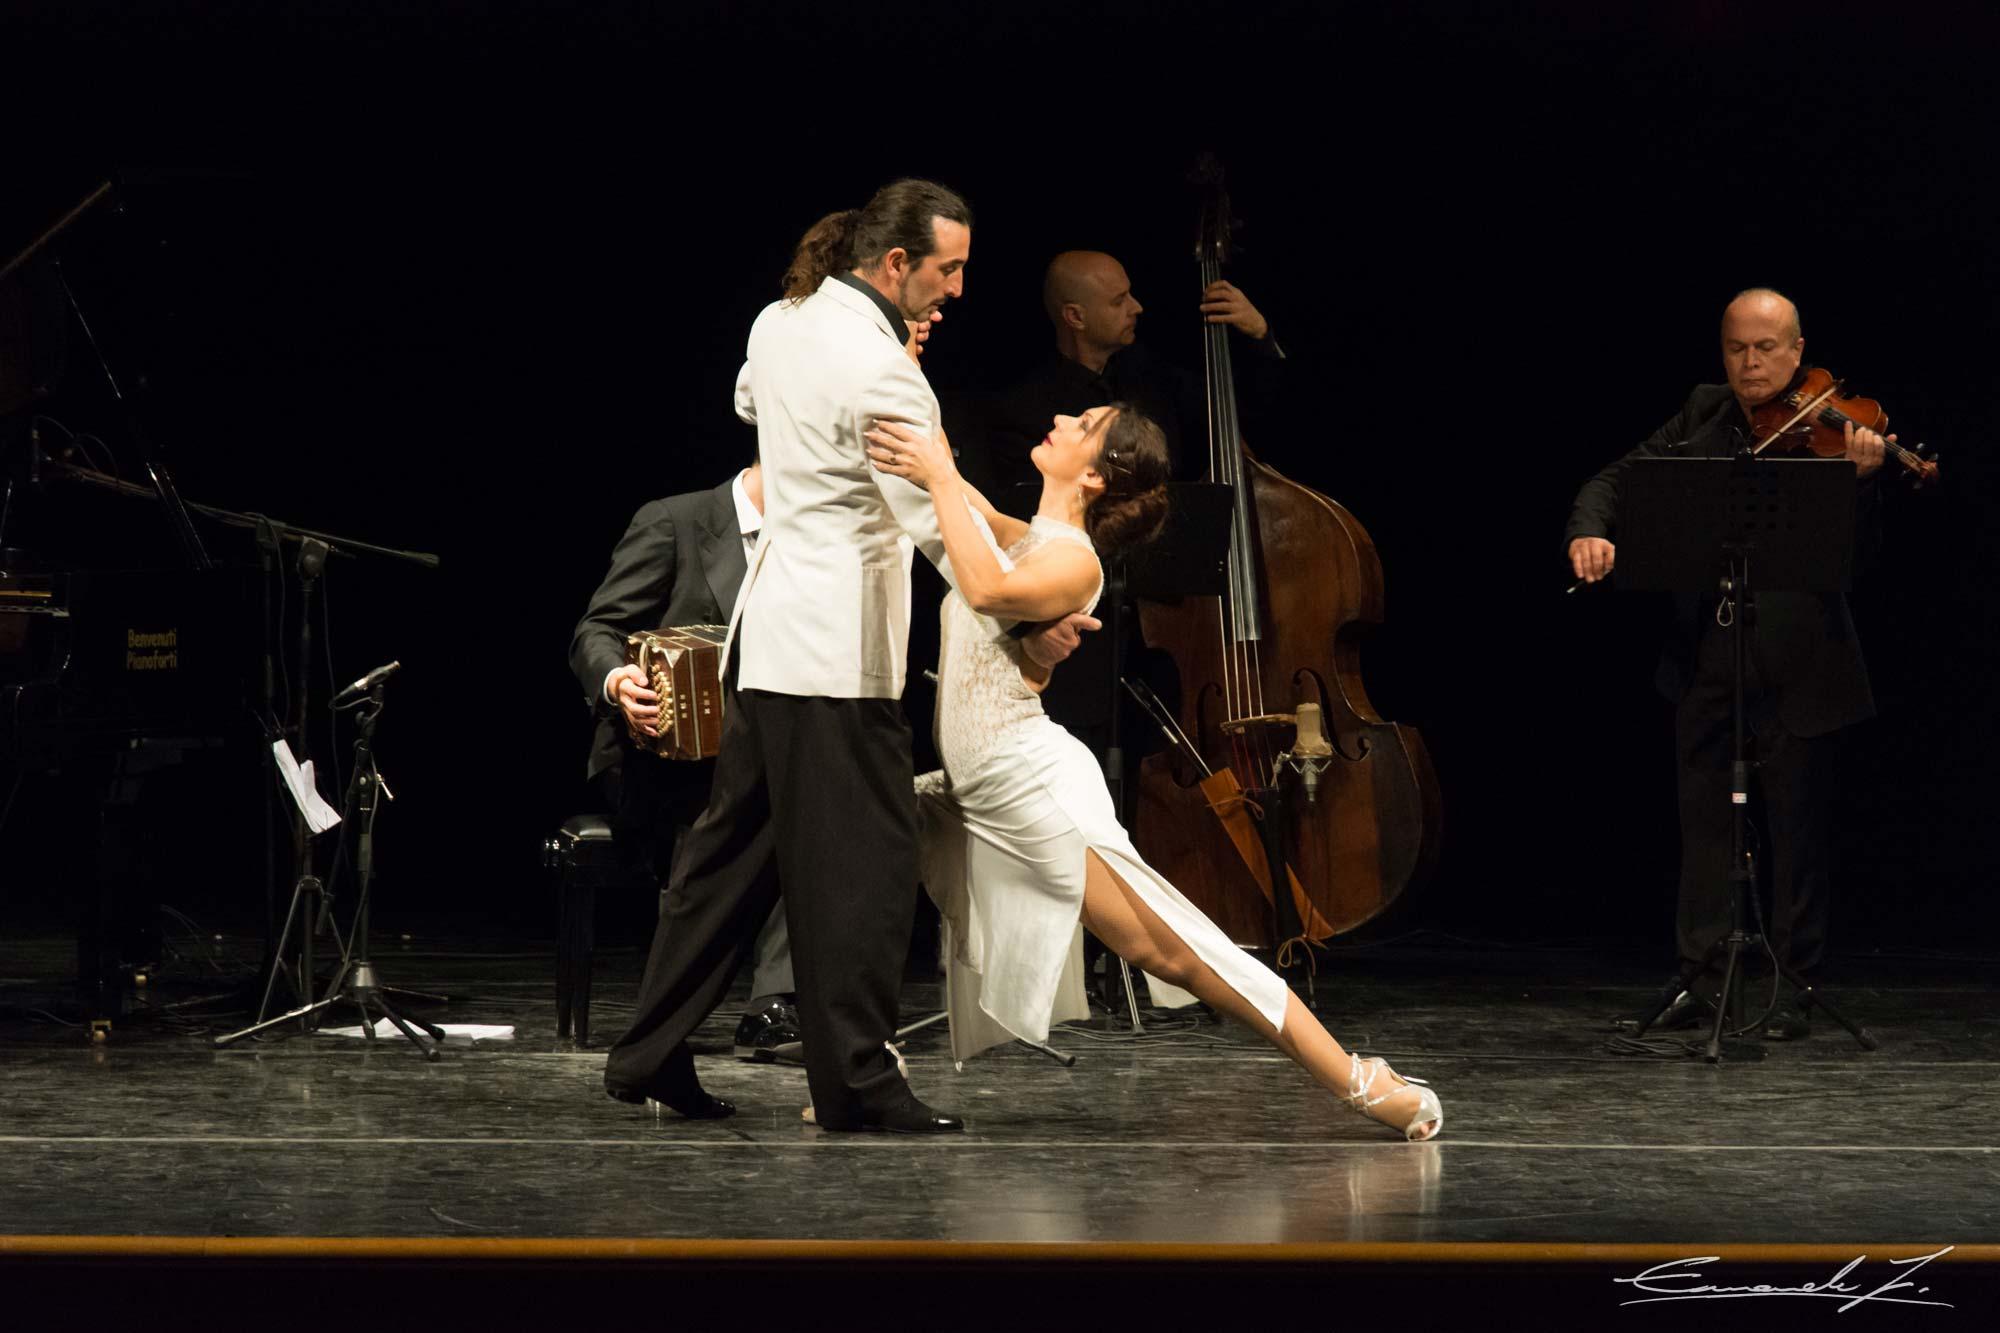 Artetoiles - il miglior tango a Roma